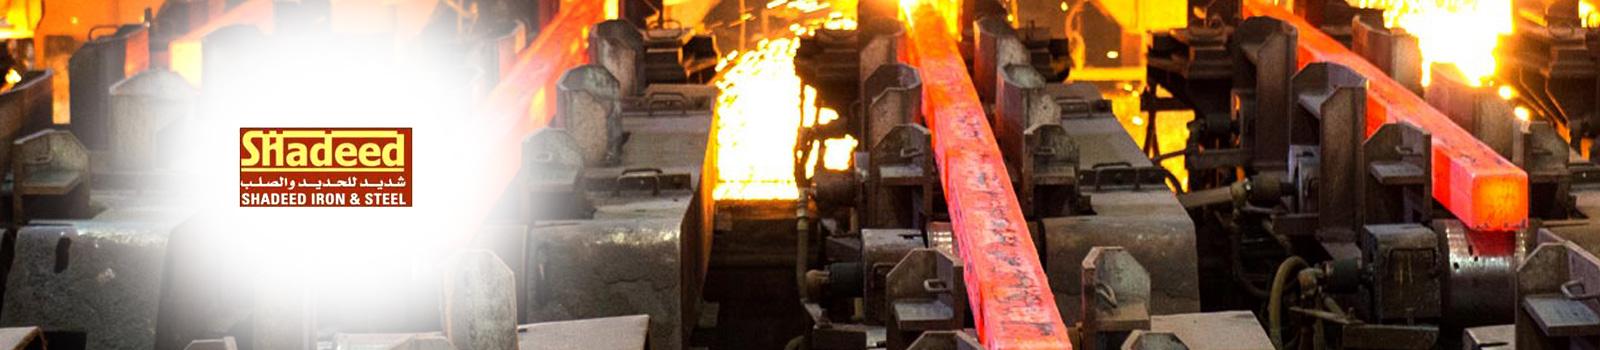 Shadeed Iron & Steel Co Project, Oman